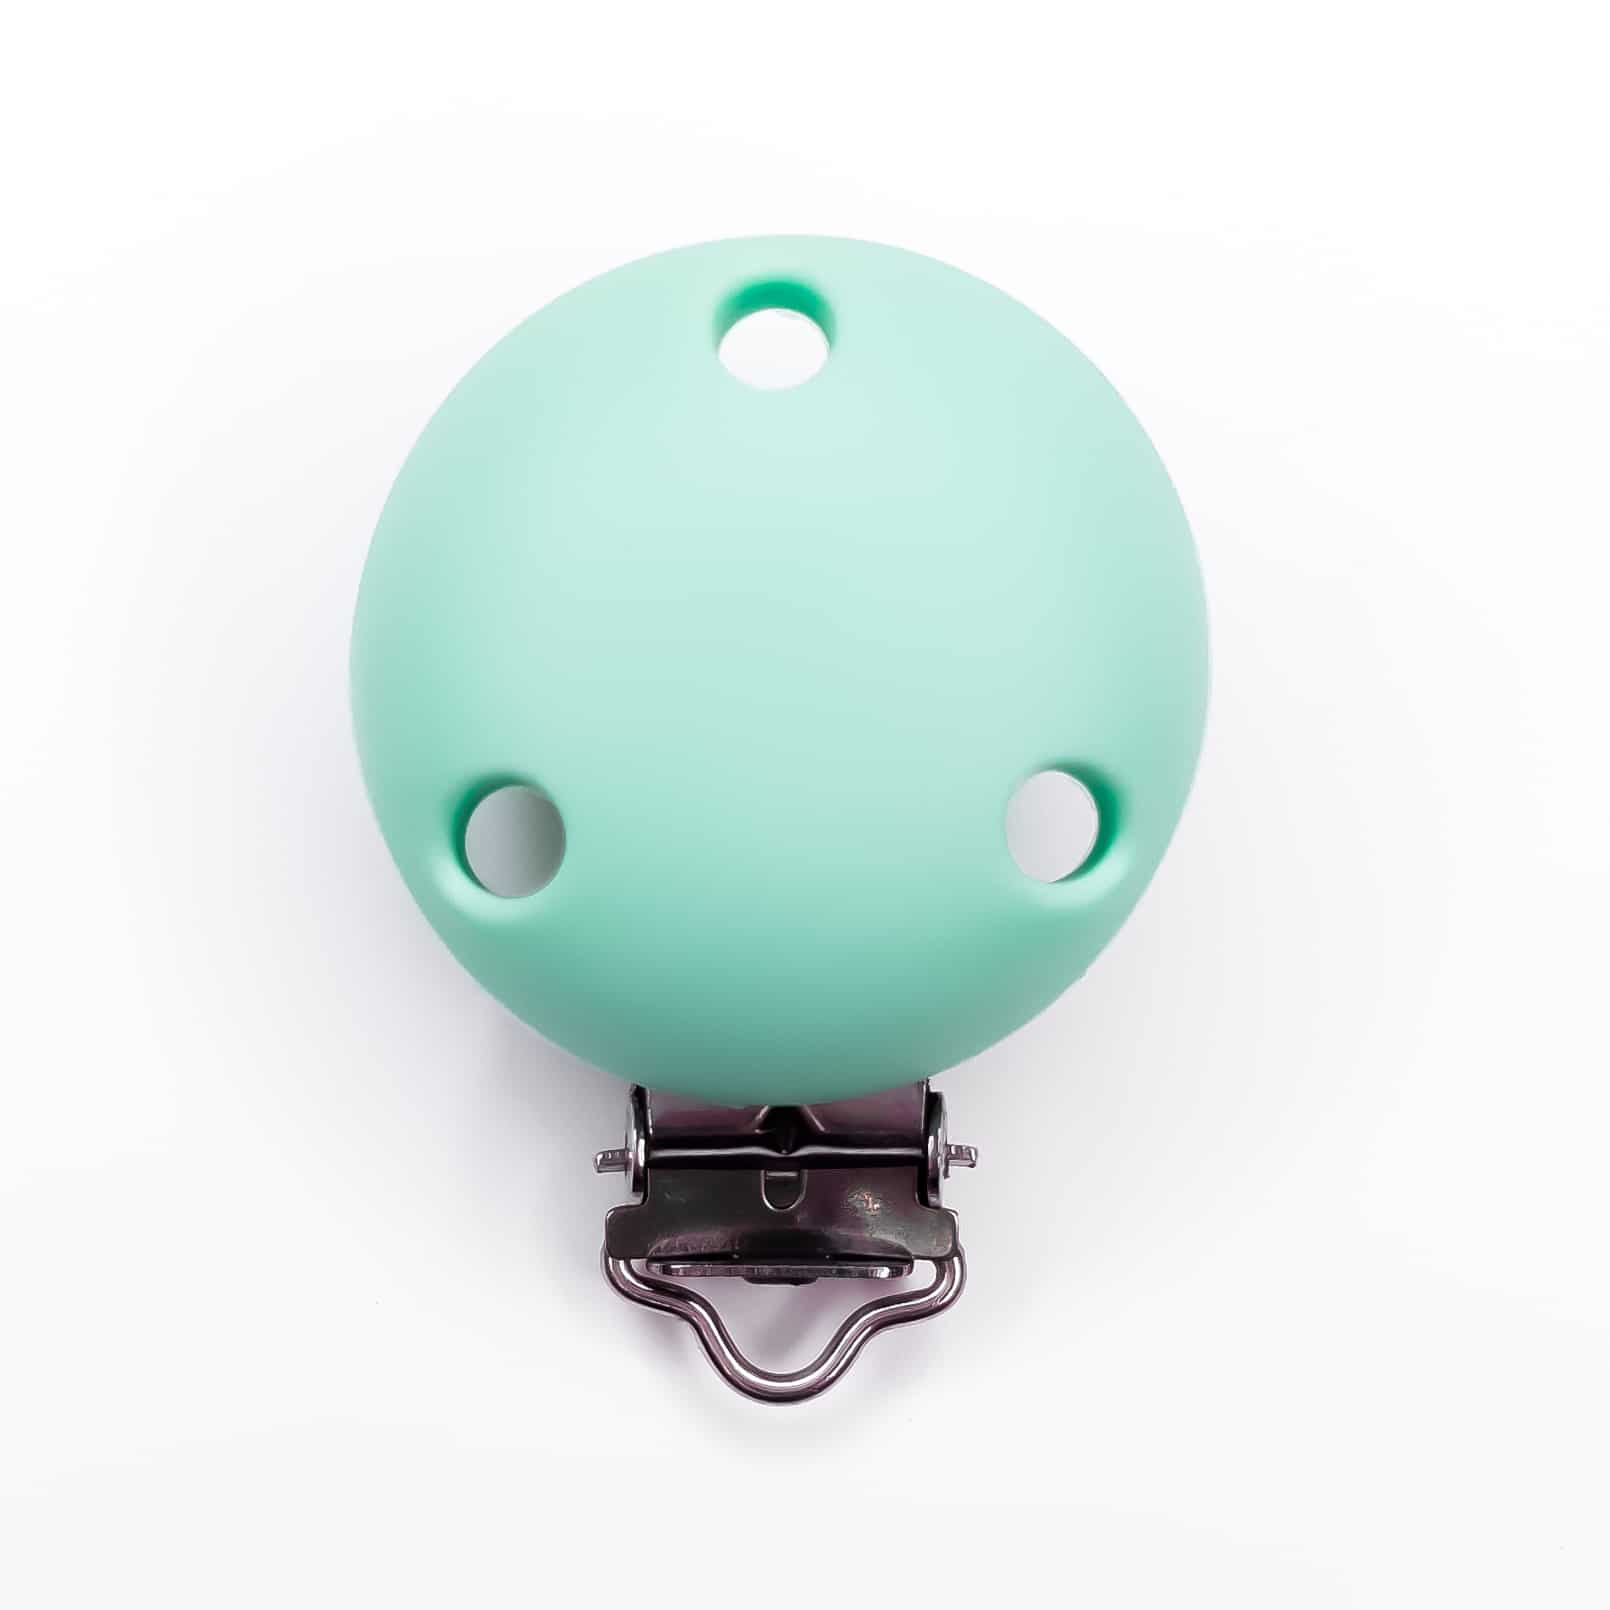 Siliconen speenclip bpa vrij mint groen baby veilig met gaatjes